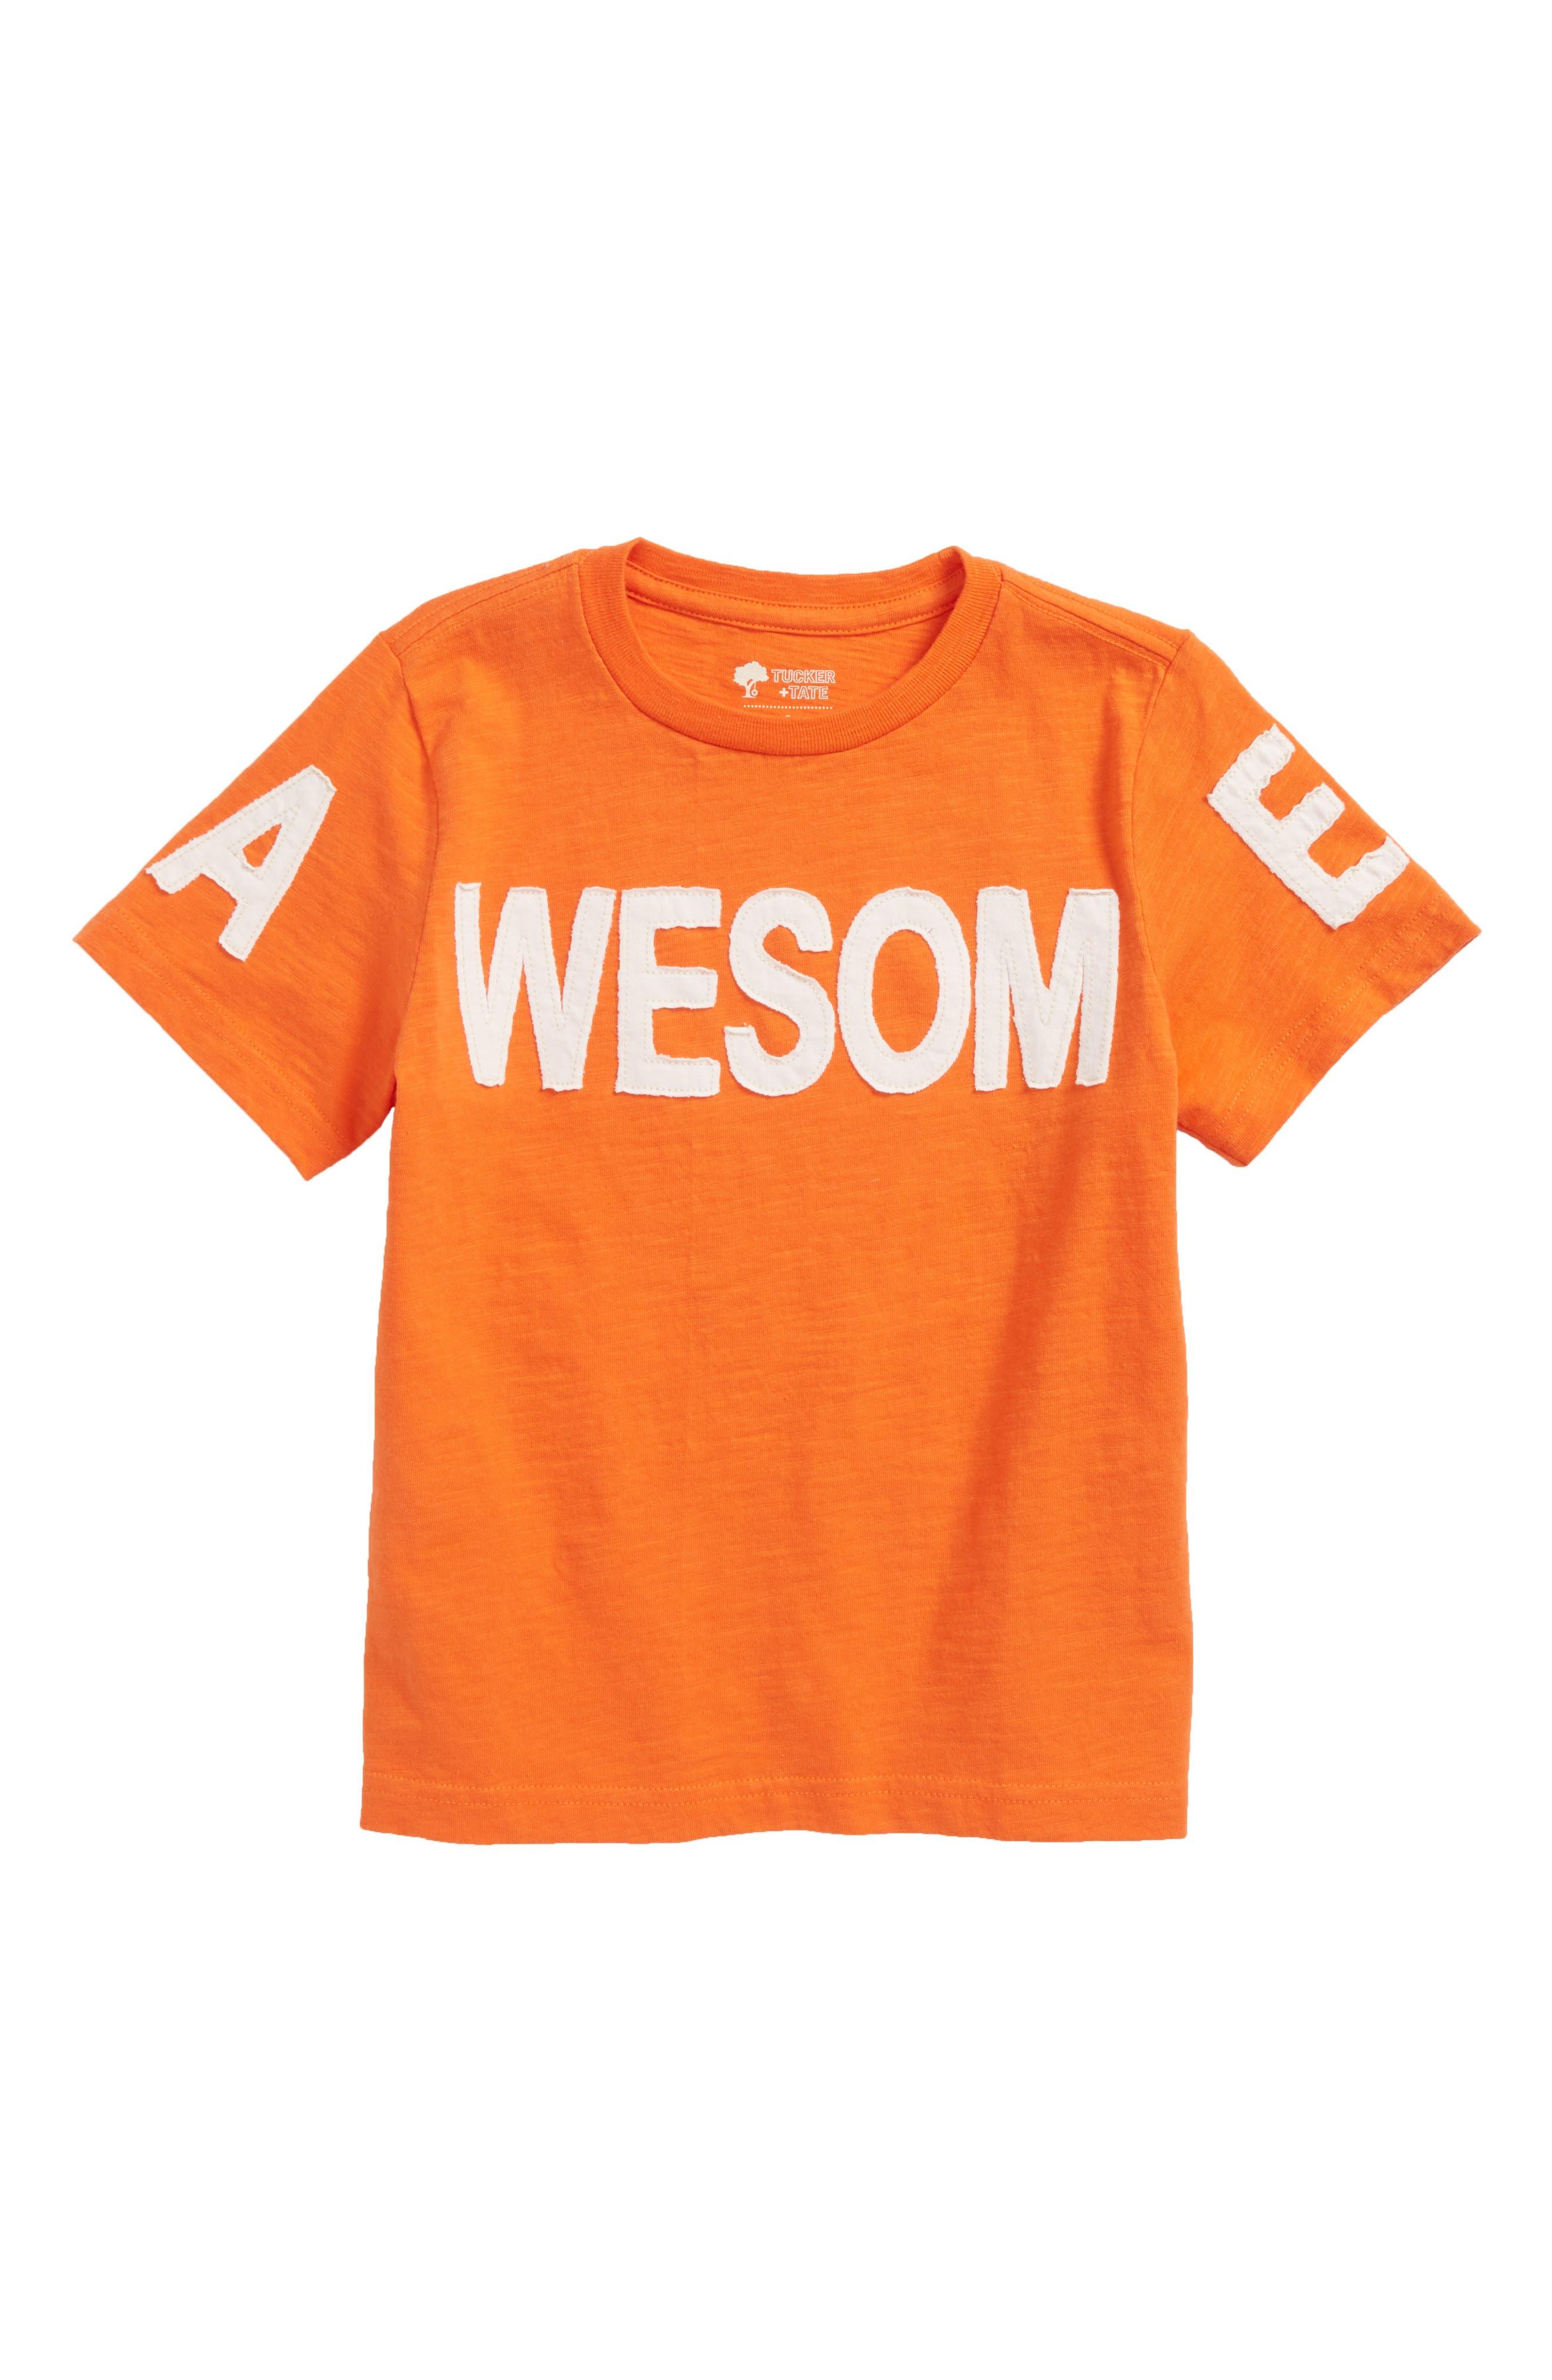 Awesome Appliqué T-Shirt,                         Main,                         color, 800